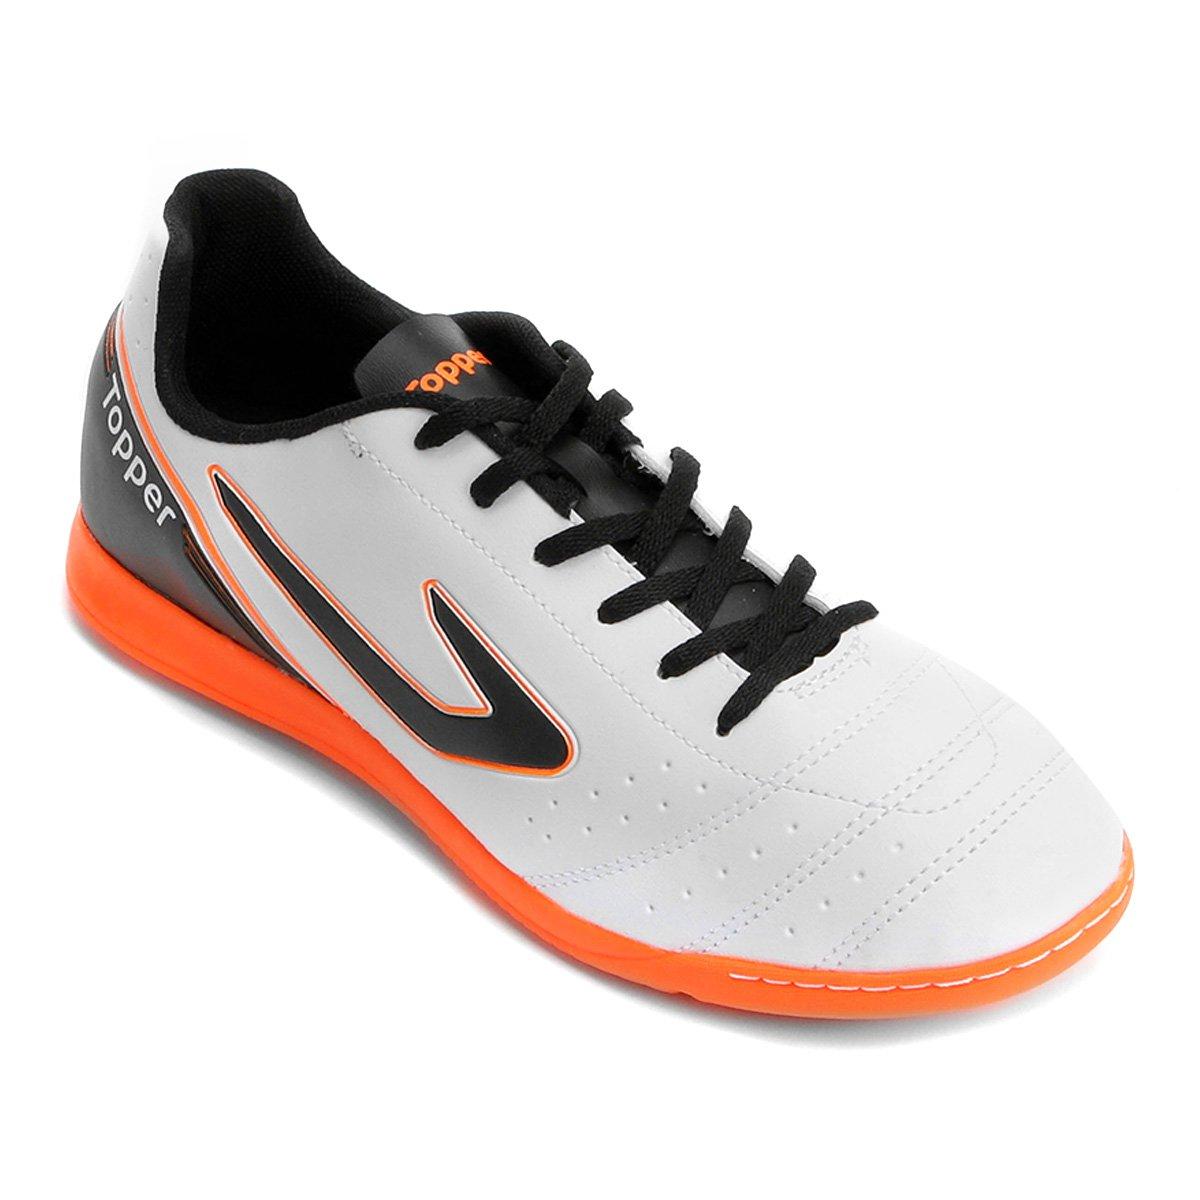 Chuteira Masculina Branco Drible Futsal Futsal Topper Chuteira Branco Masculina Drible Topper Chuteira HYqA4Hw